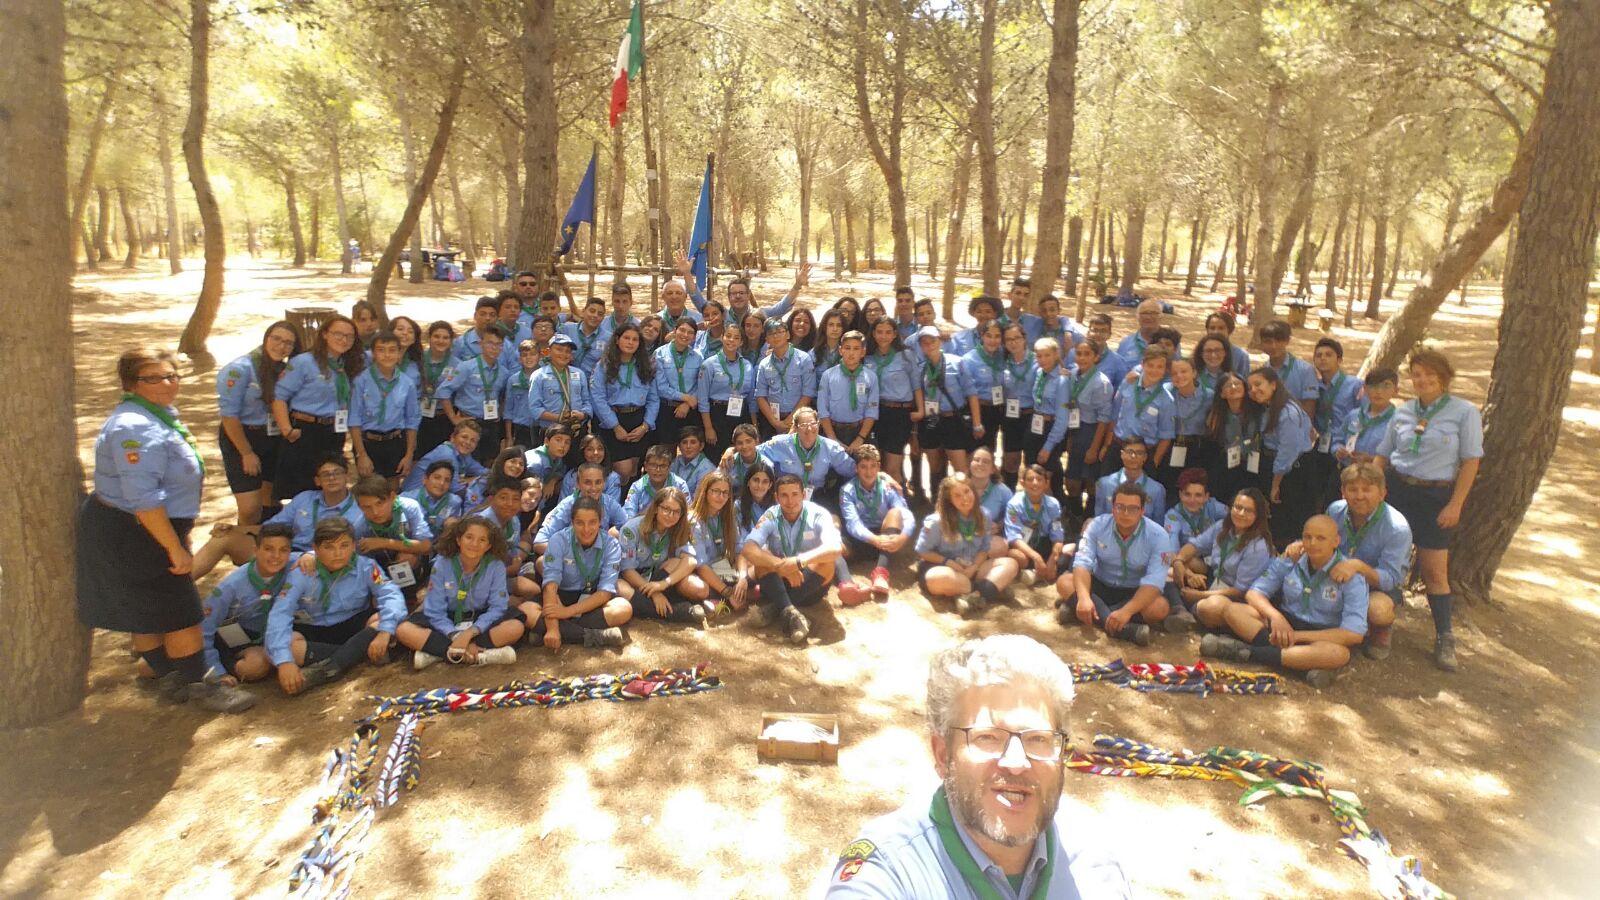 A Castelvetrano, oltre 70 scout da tutta la Sicilia